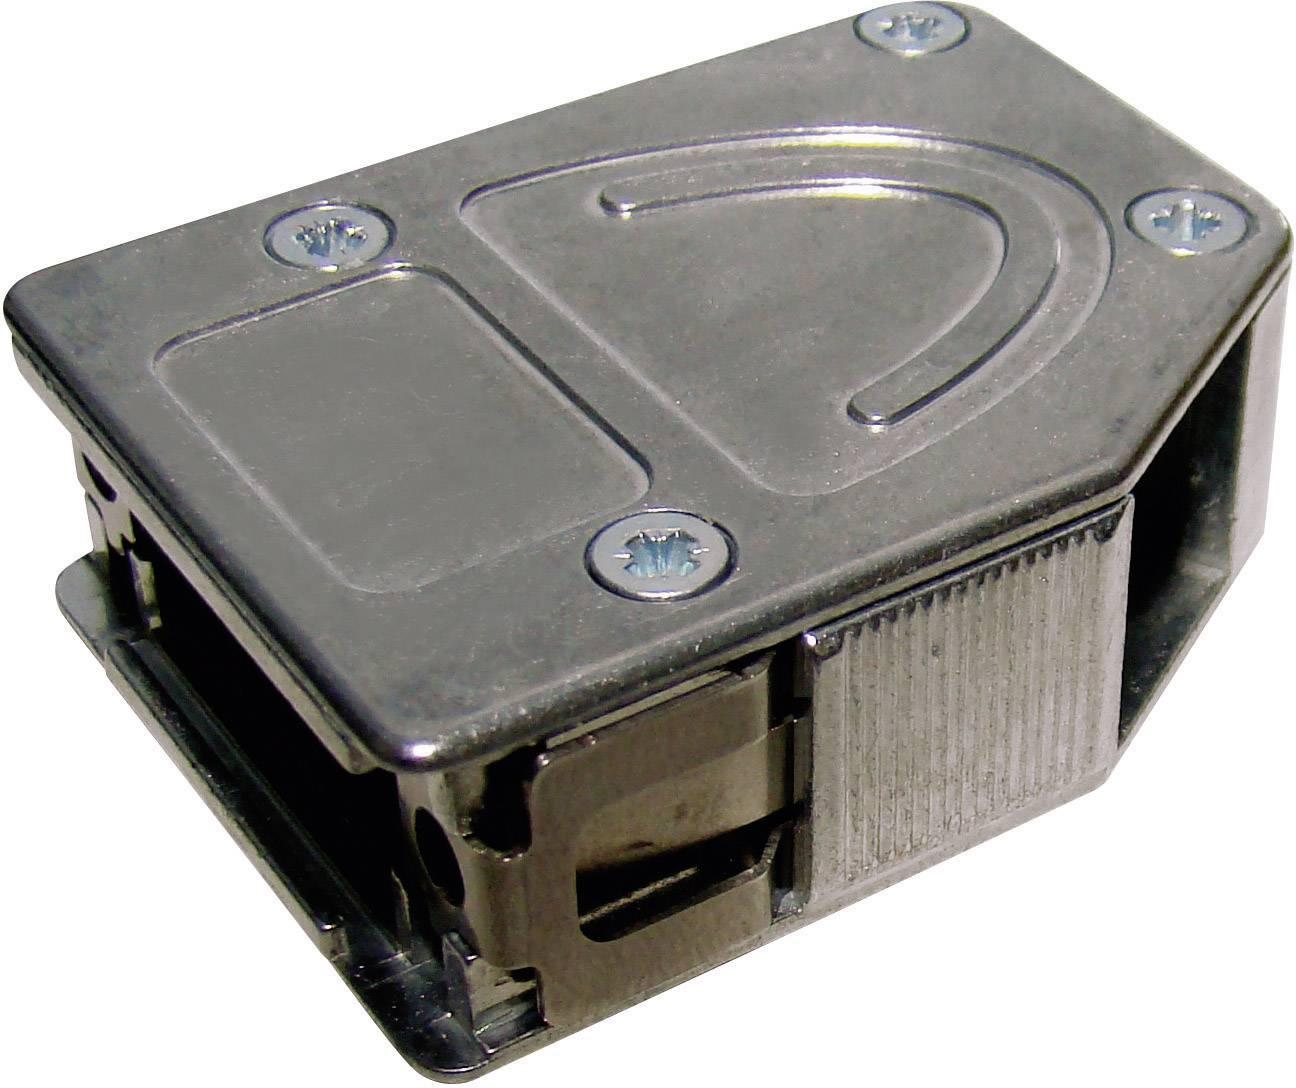 D-SUB púzdro Provertha 10437DC001 10437DC001, počet pinov: 37, kov, 180 °, 45 °, 45 °, strieborná, 1 ks